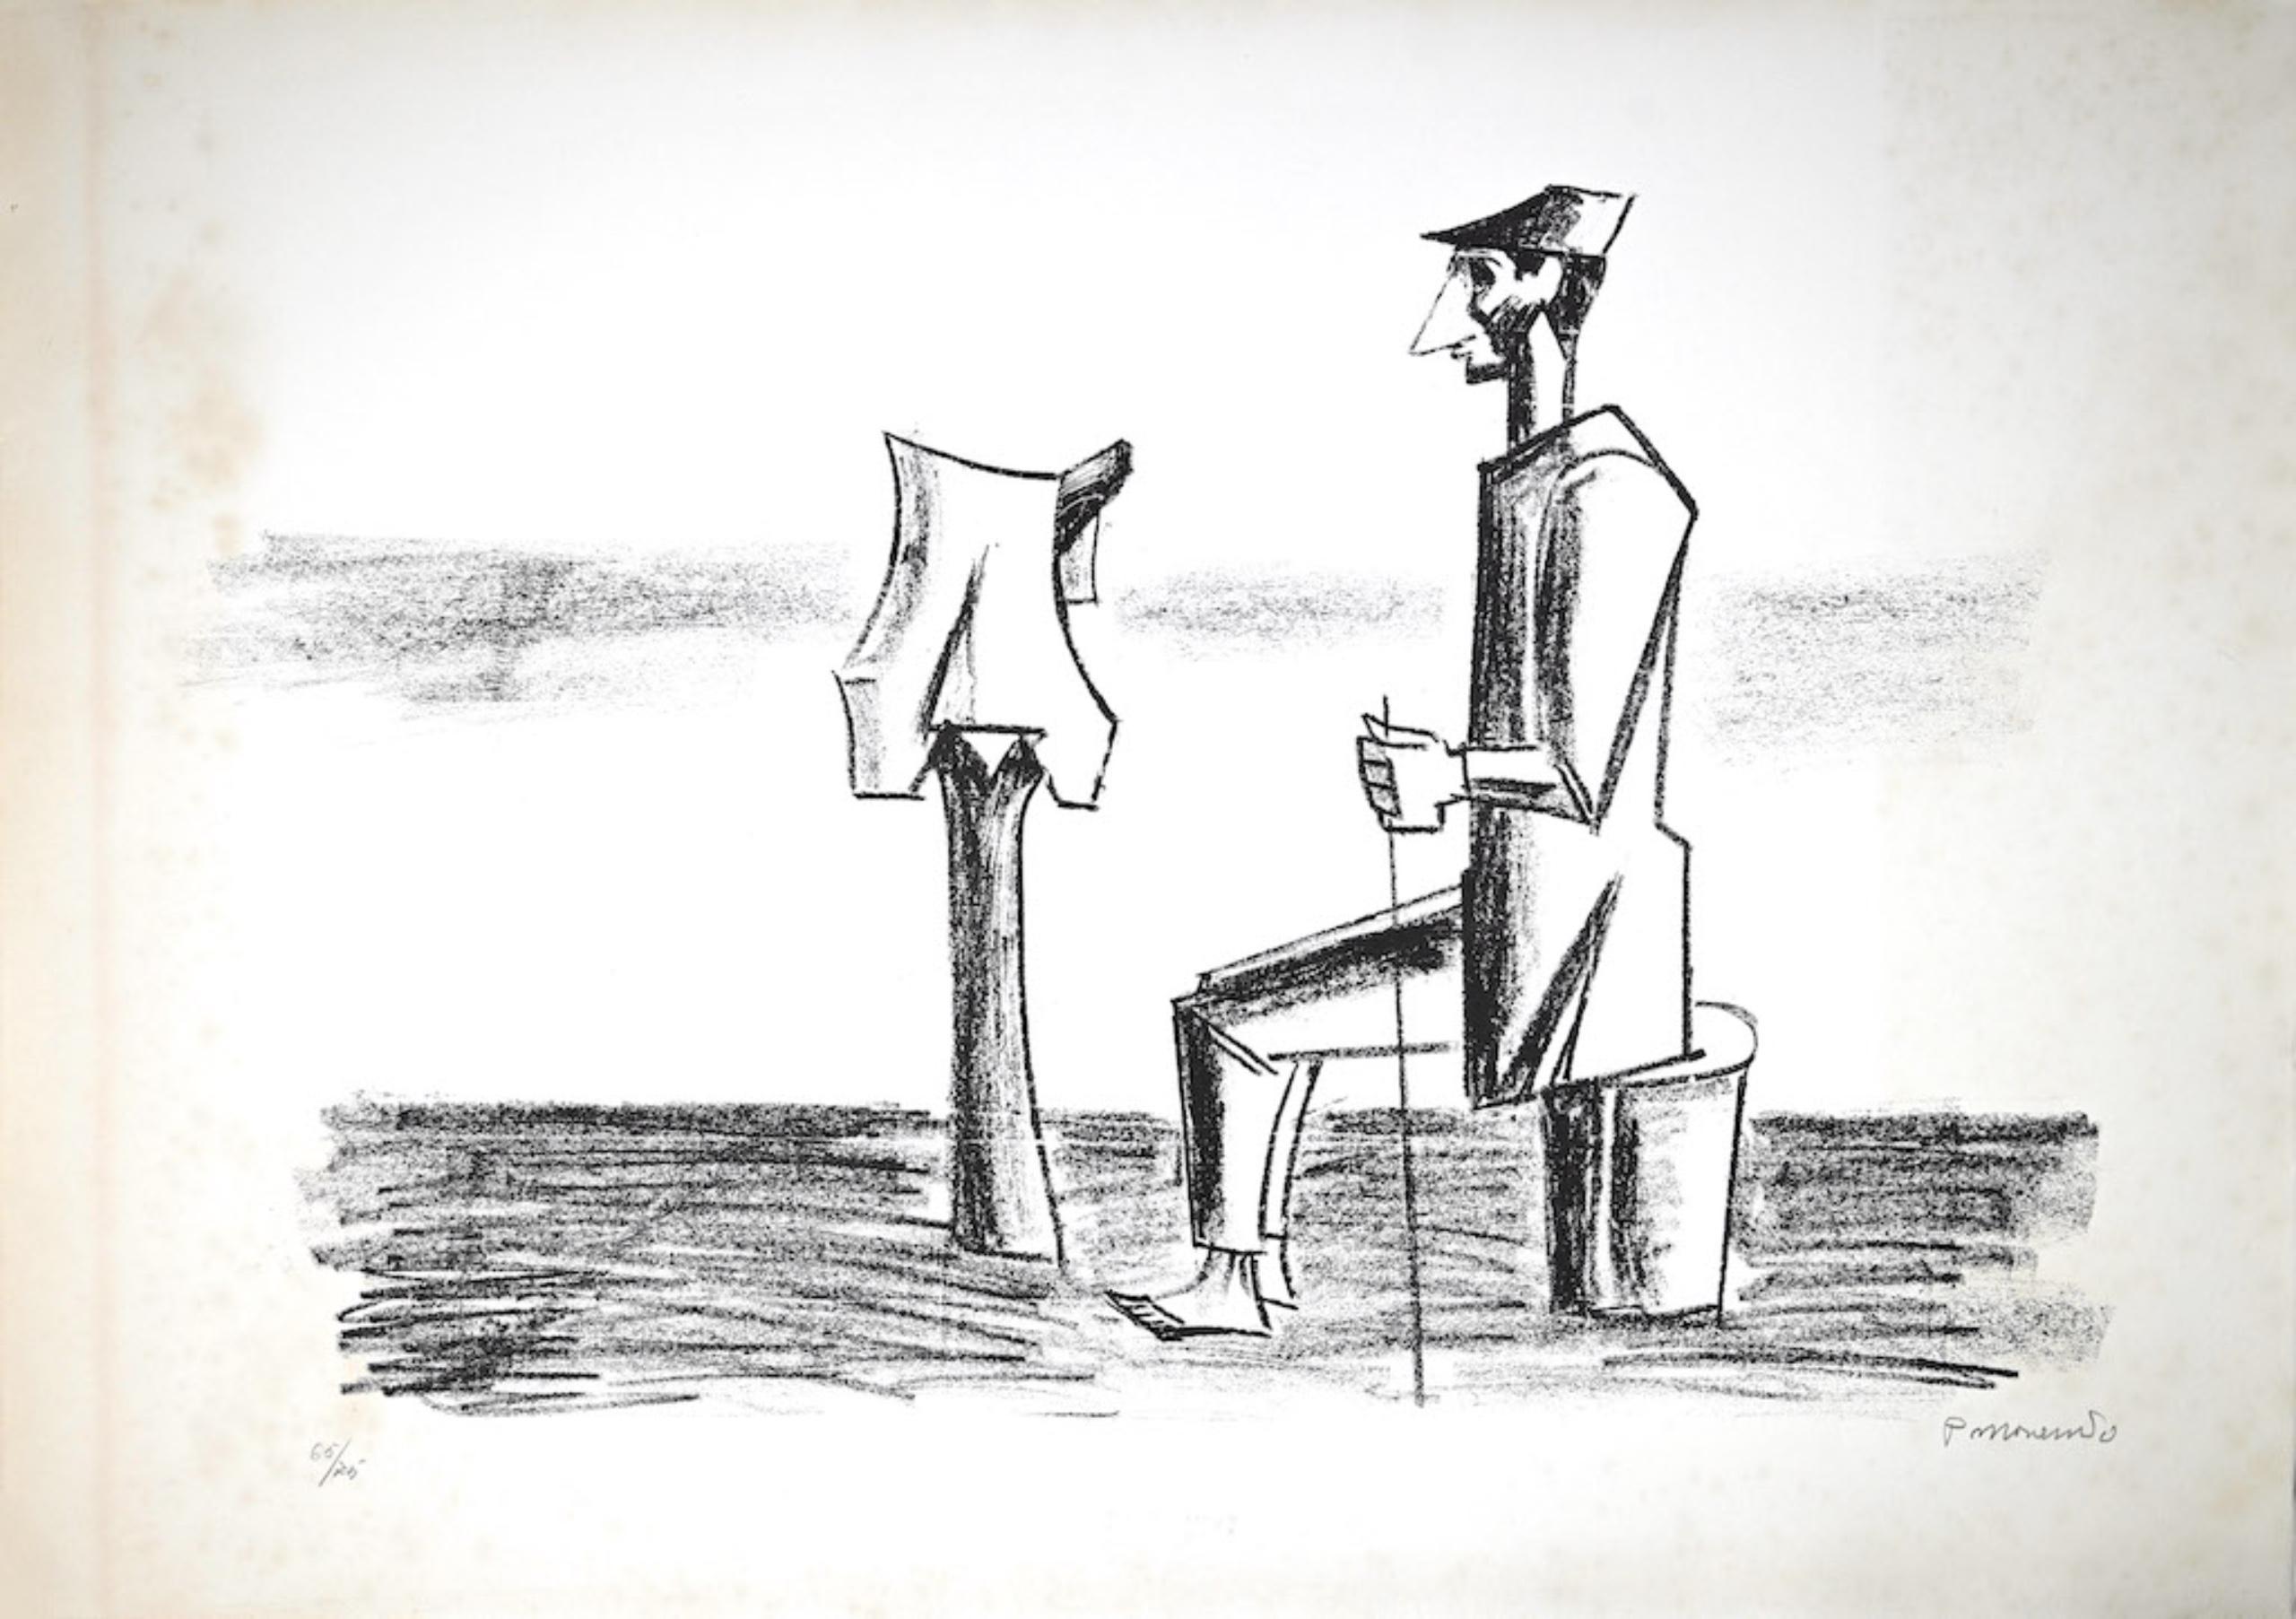 The Scarecrow - Original Lithograph by Pietro Morando - 1960s